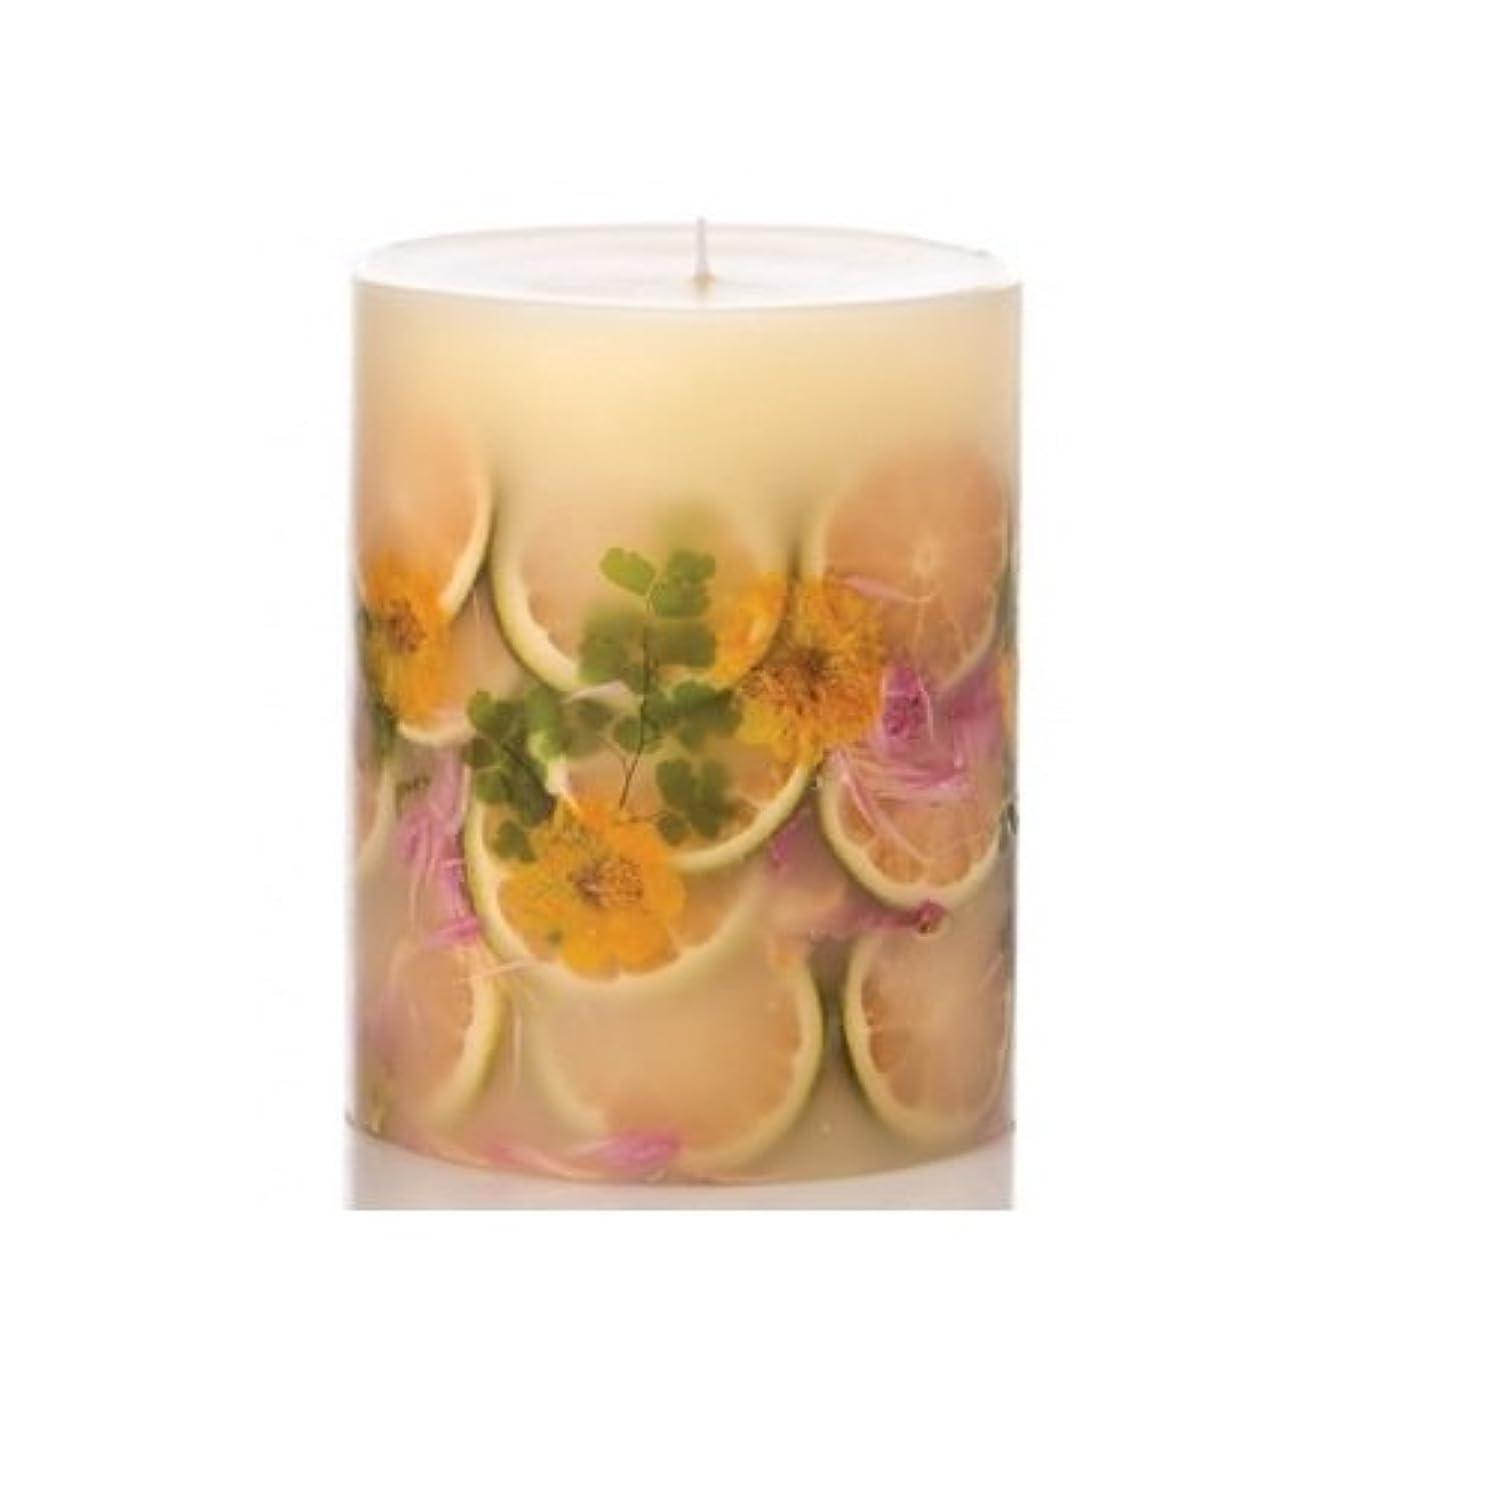 見える小売力強いRosy Rings Lemon Blossom & Lycheeトールラウンド香りのキャンドル、5